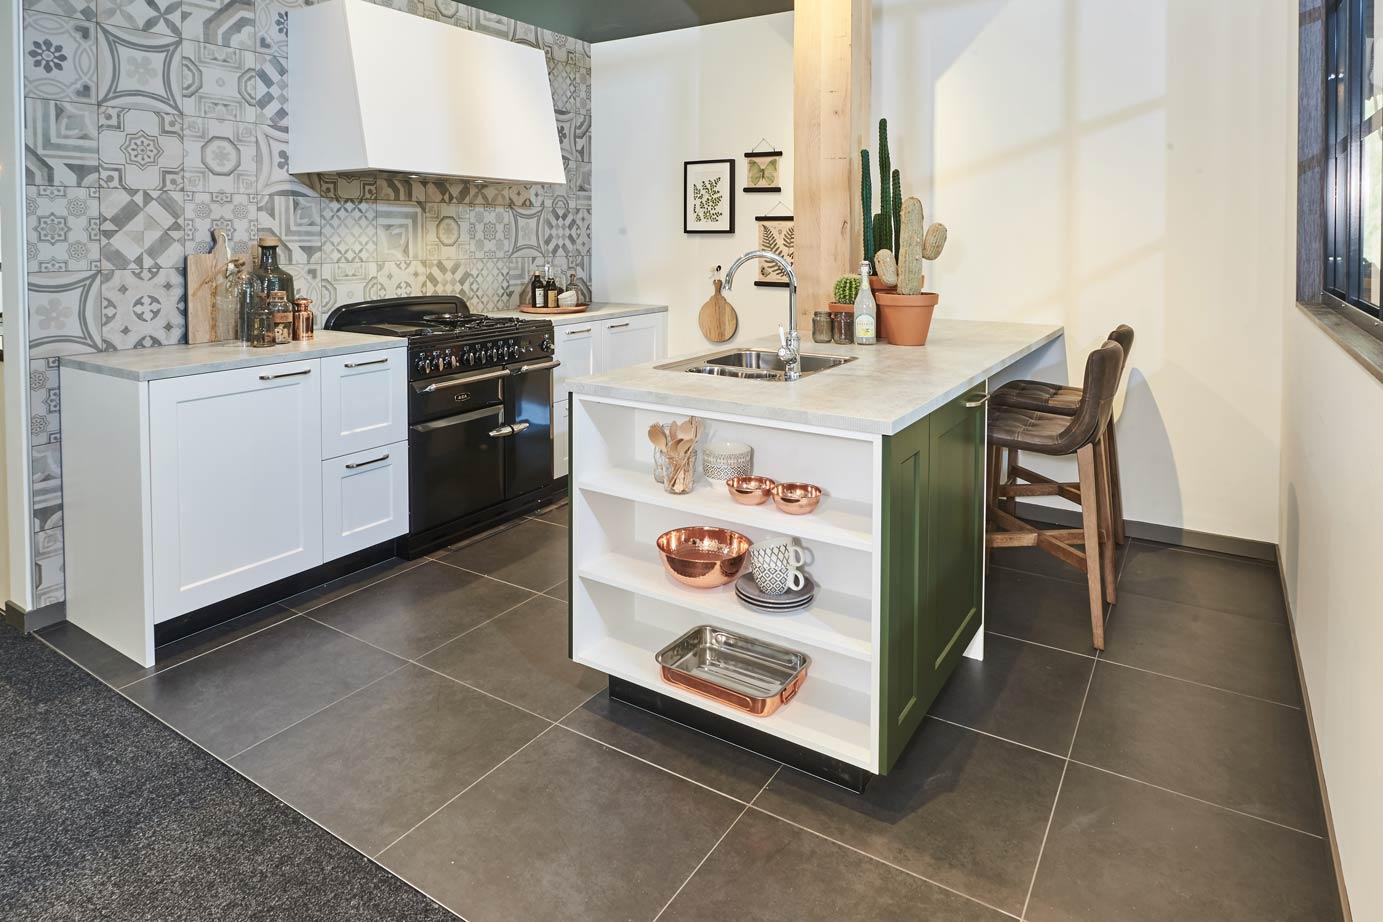 Landelijke keuken goedkoop landelijke keukens goedkoop u keuken goedkope keuken kastenwand u - Landelijke keuken ...